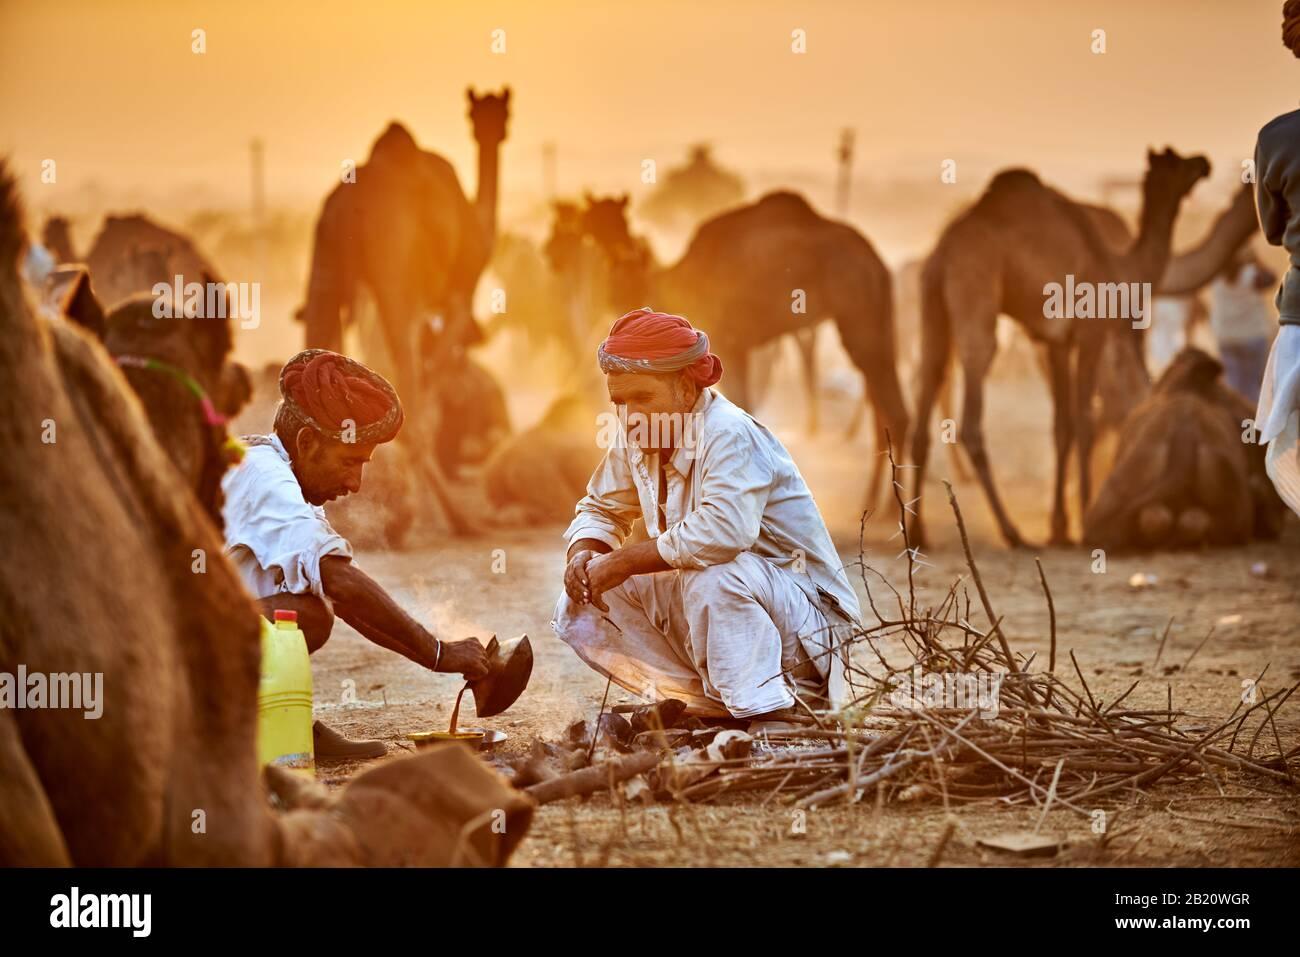 Uomini nomadi tribù con turbanti tradizionali haggle per i prezzi tra i loro cammelli sul cammello e fiera del bestiame, Pushkar Mela, Pushkar, Rajasthan Foto Stock